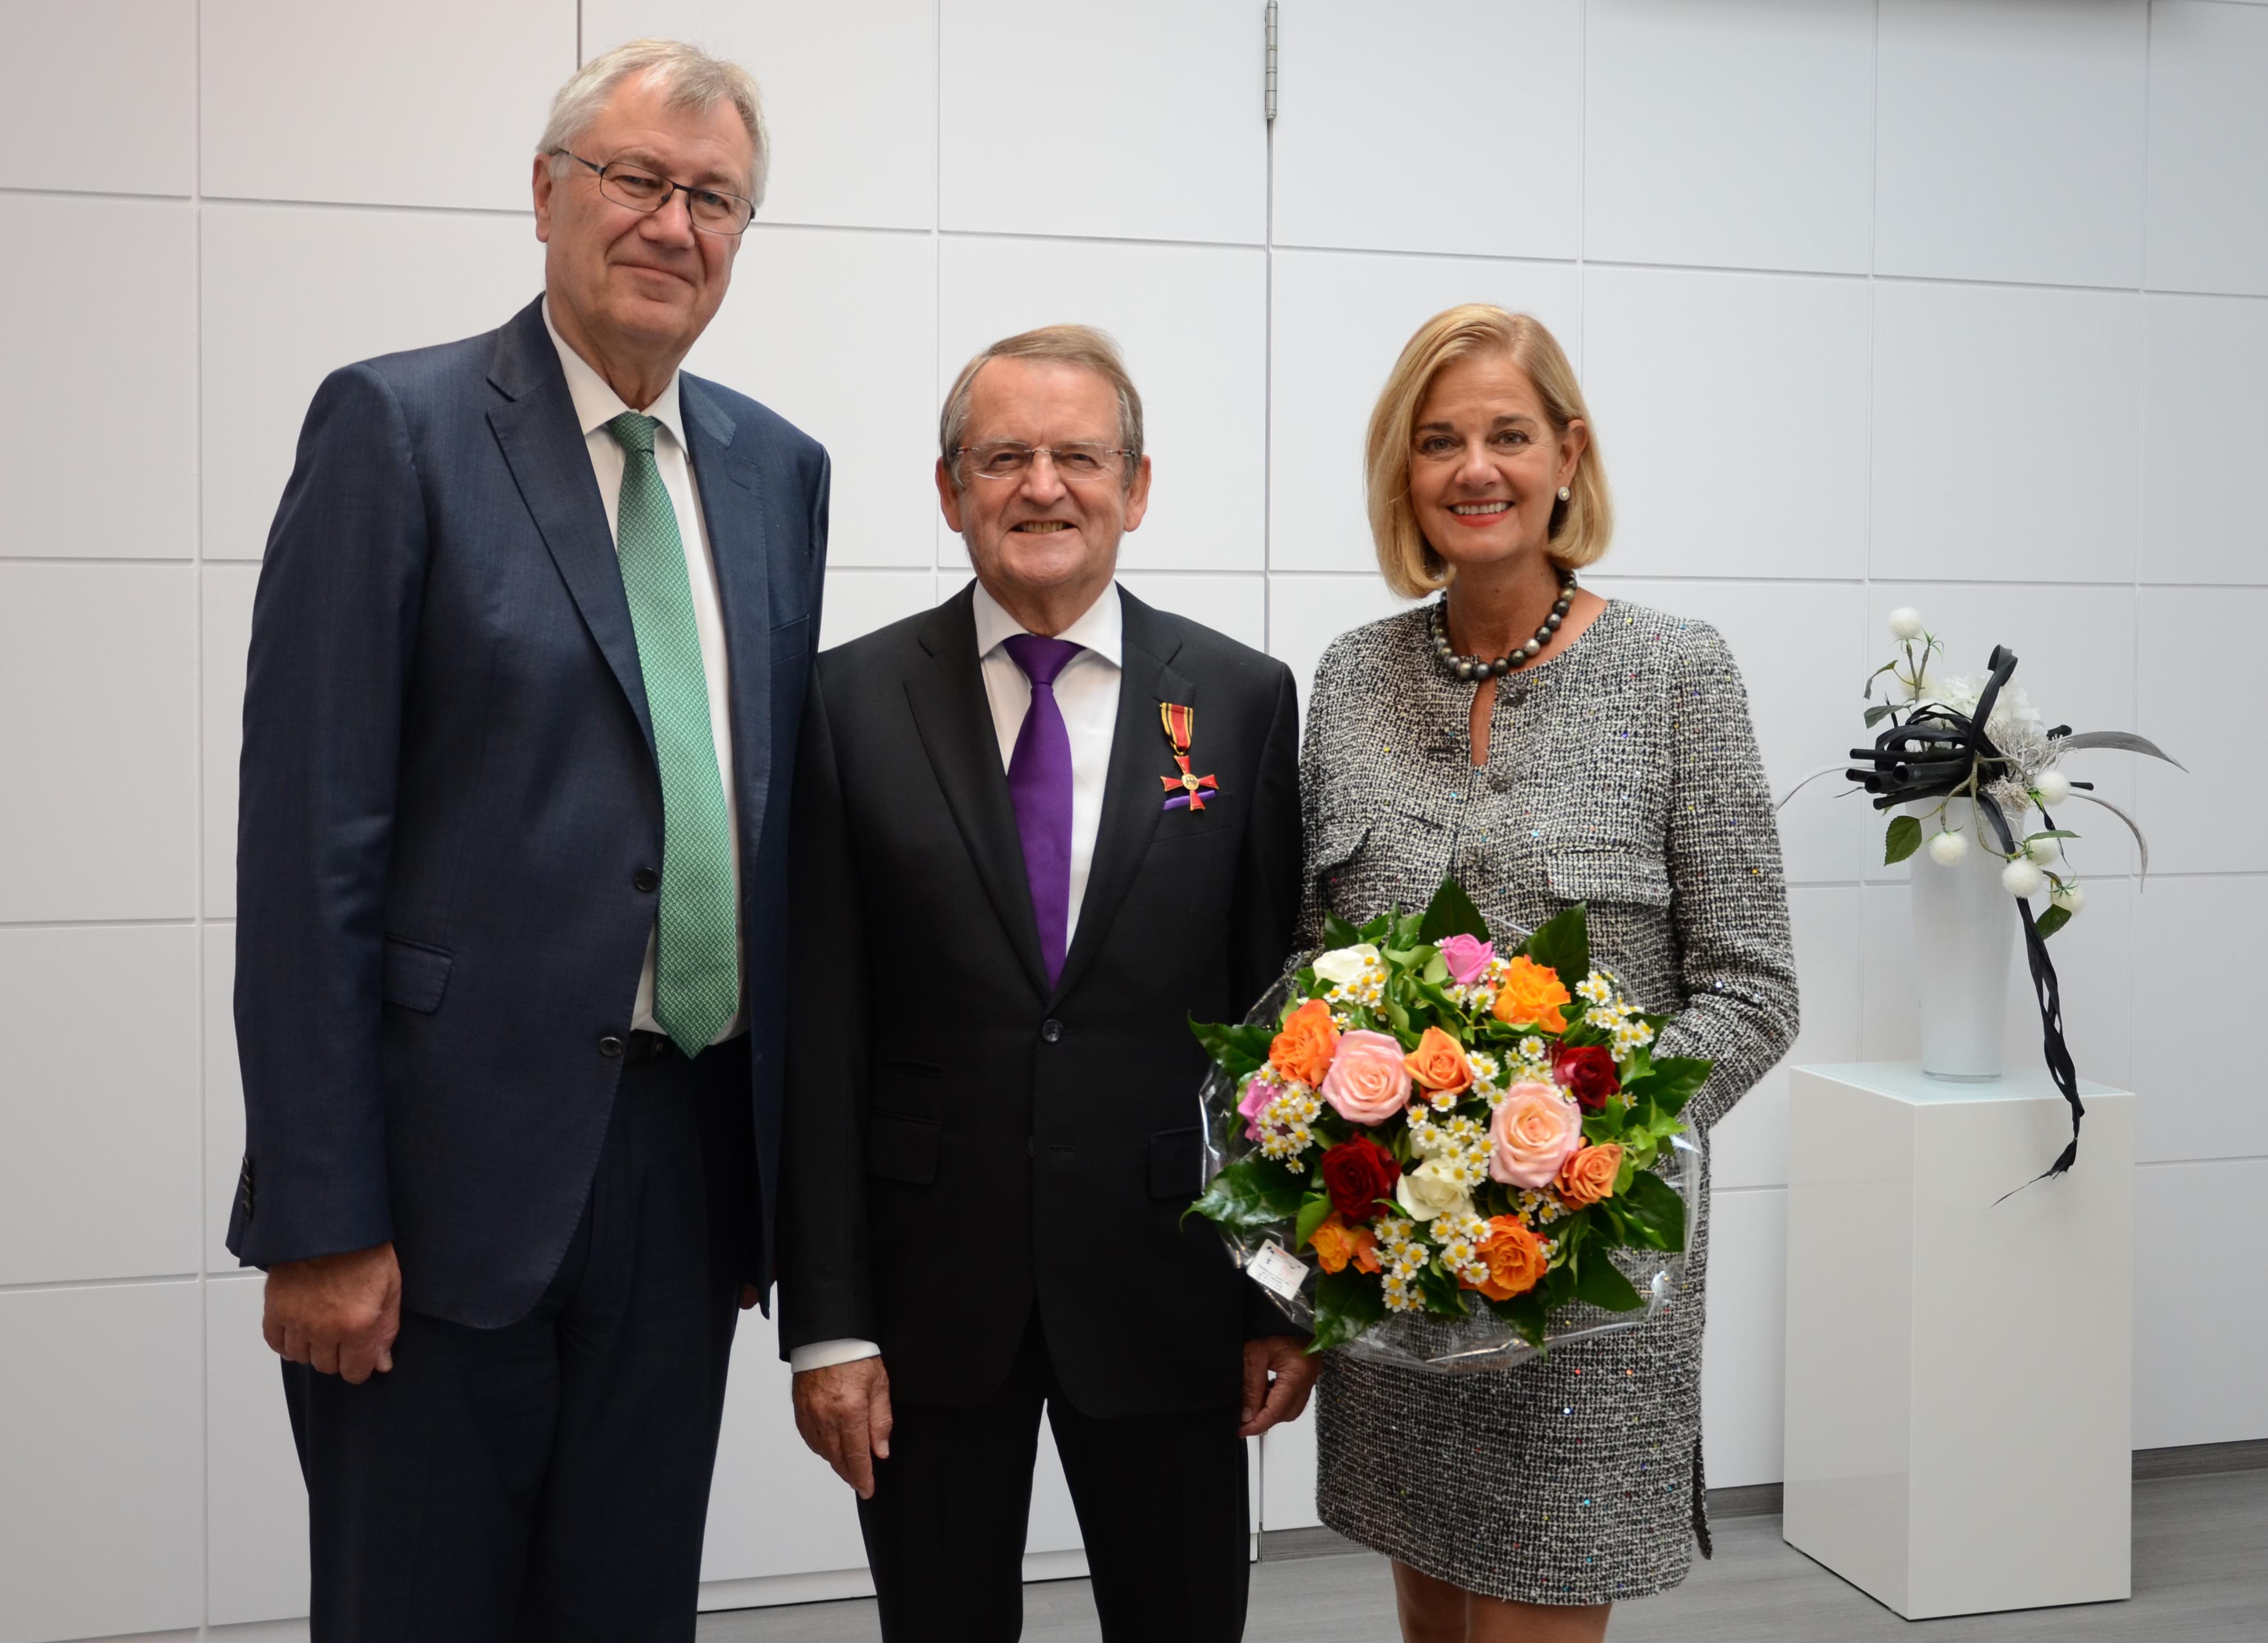 Regierungspräsident Prof. Dr. Reinhard Klenke mit Wolfgang und Beate Düsterberg (v.l.)(Foto: Bezirksregierung Münster)